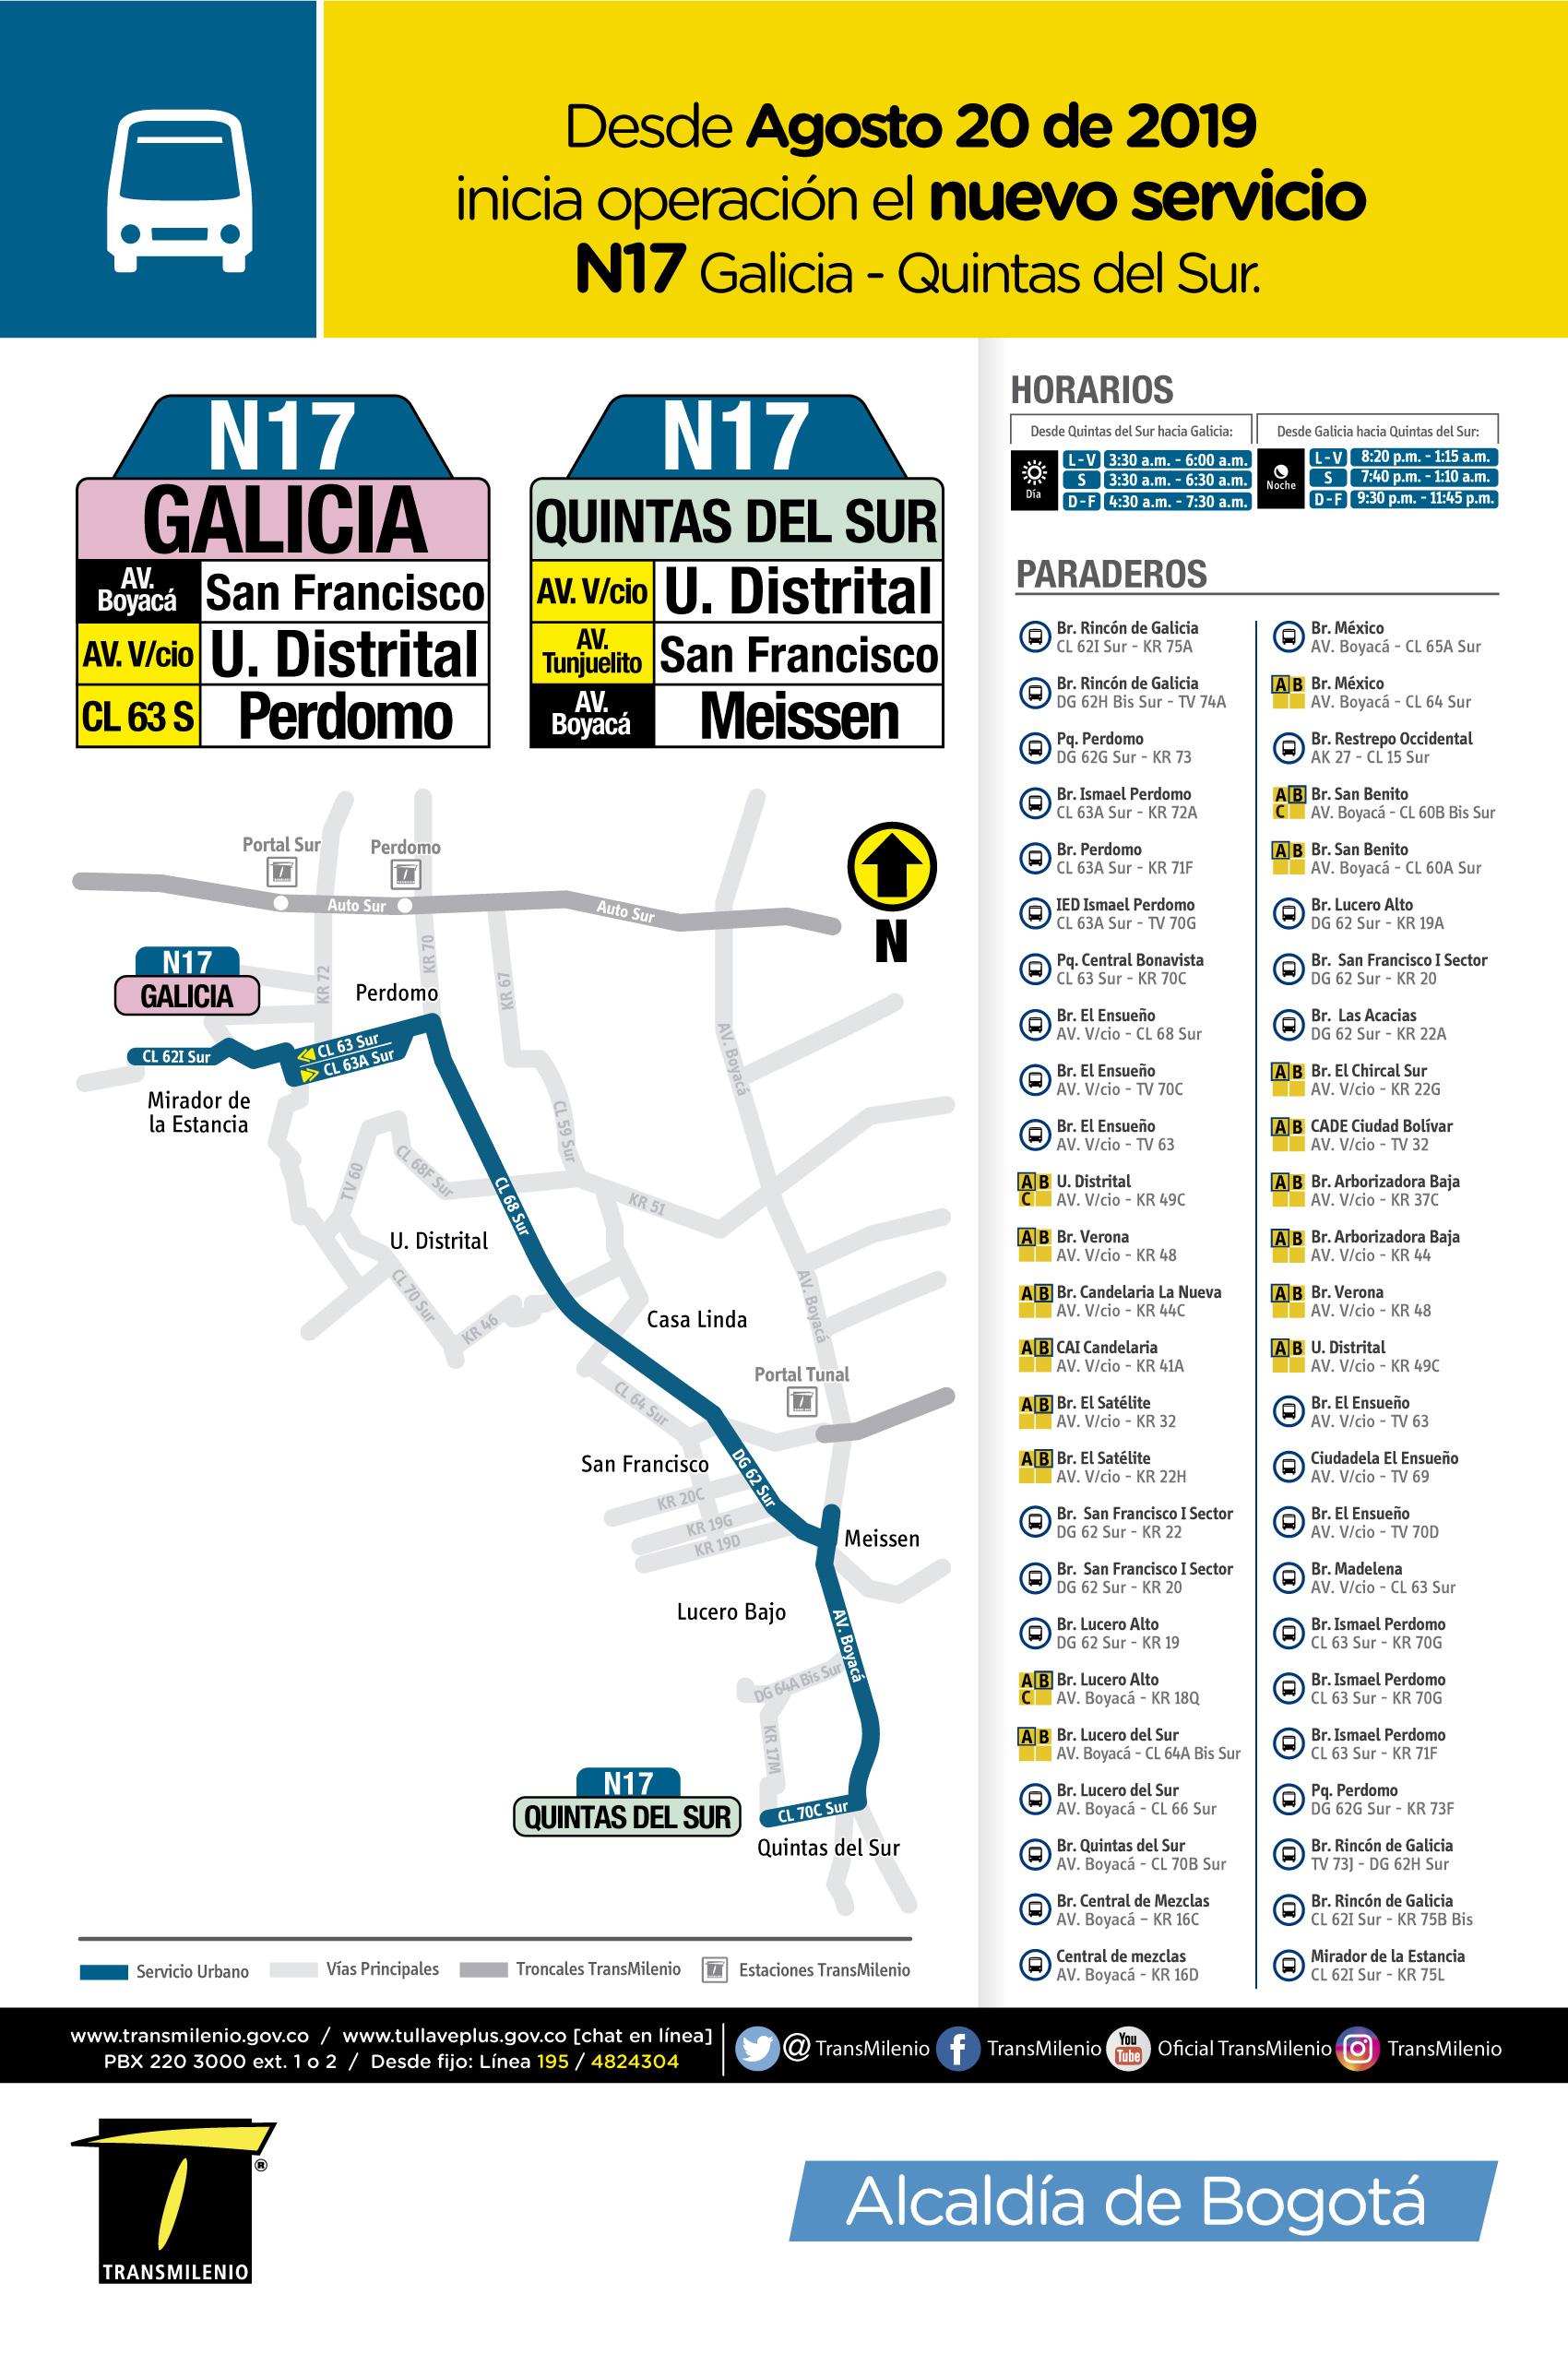 Mapa del nuevo servicio N17